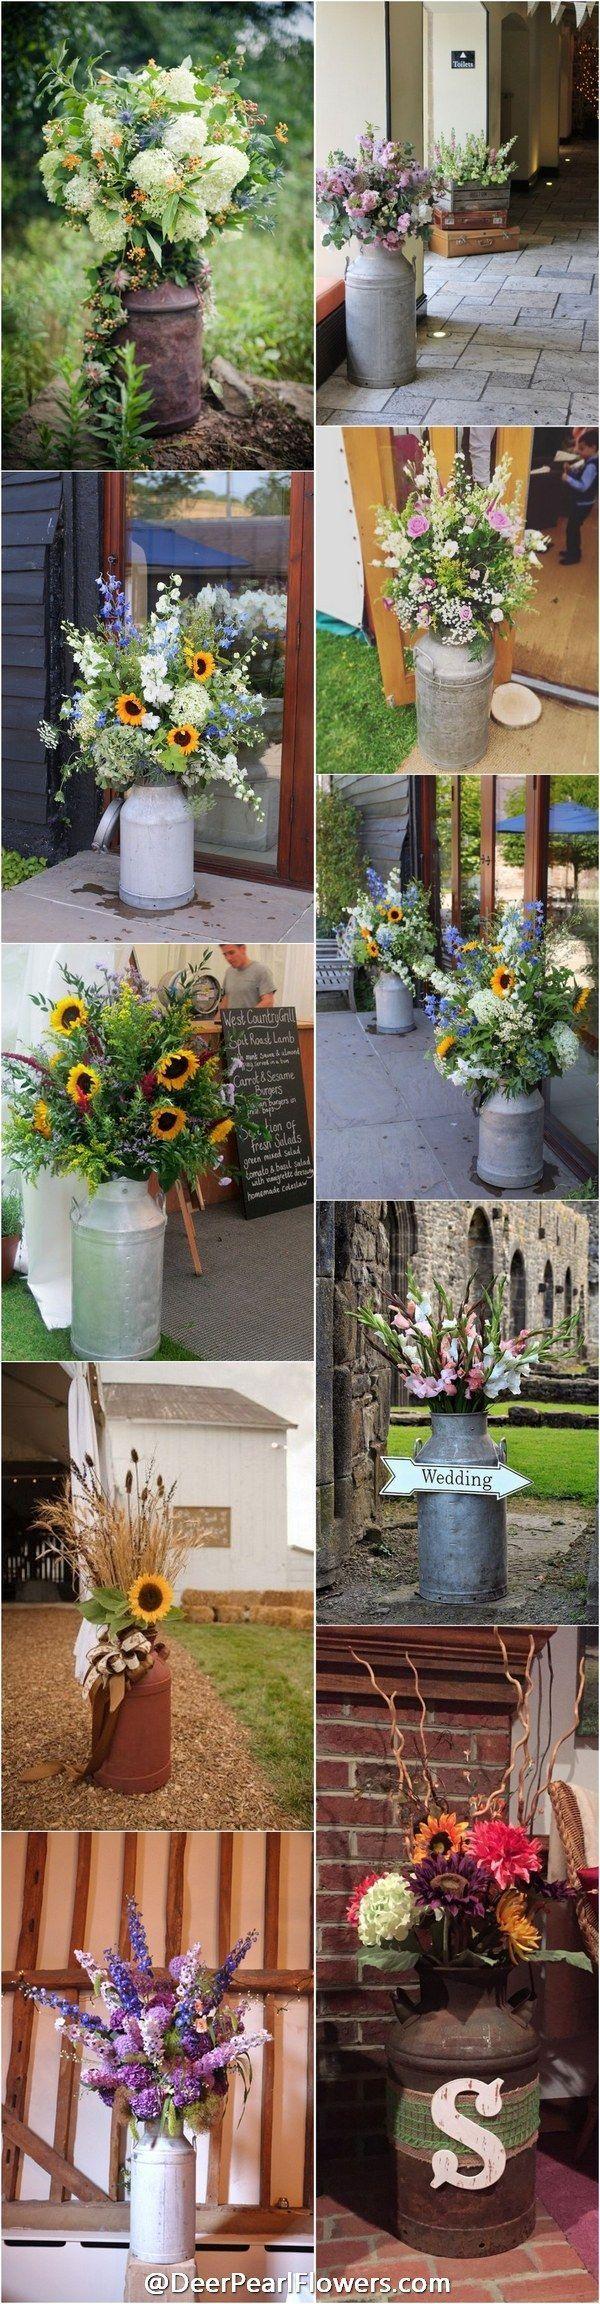 Wedding decoration ideas outside  rustic country milk churn wedding decor ideas